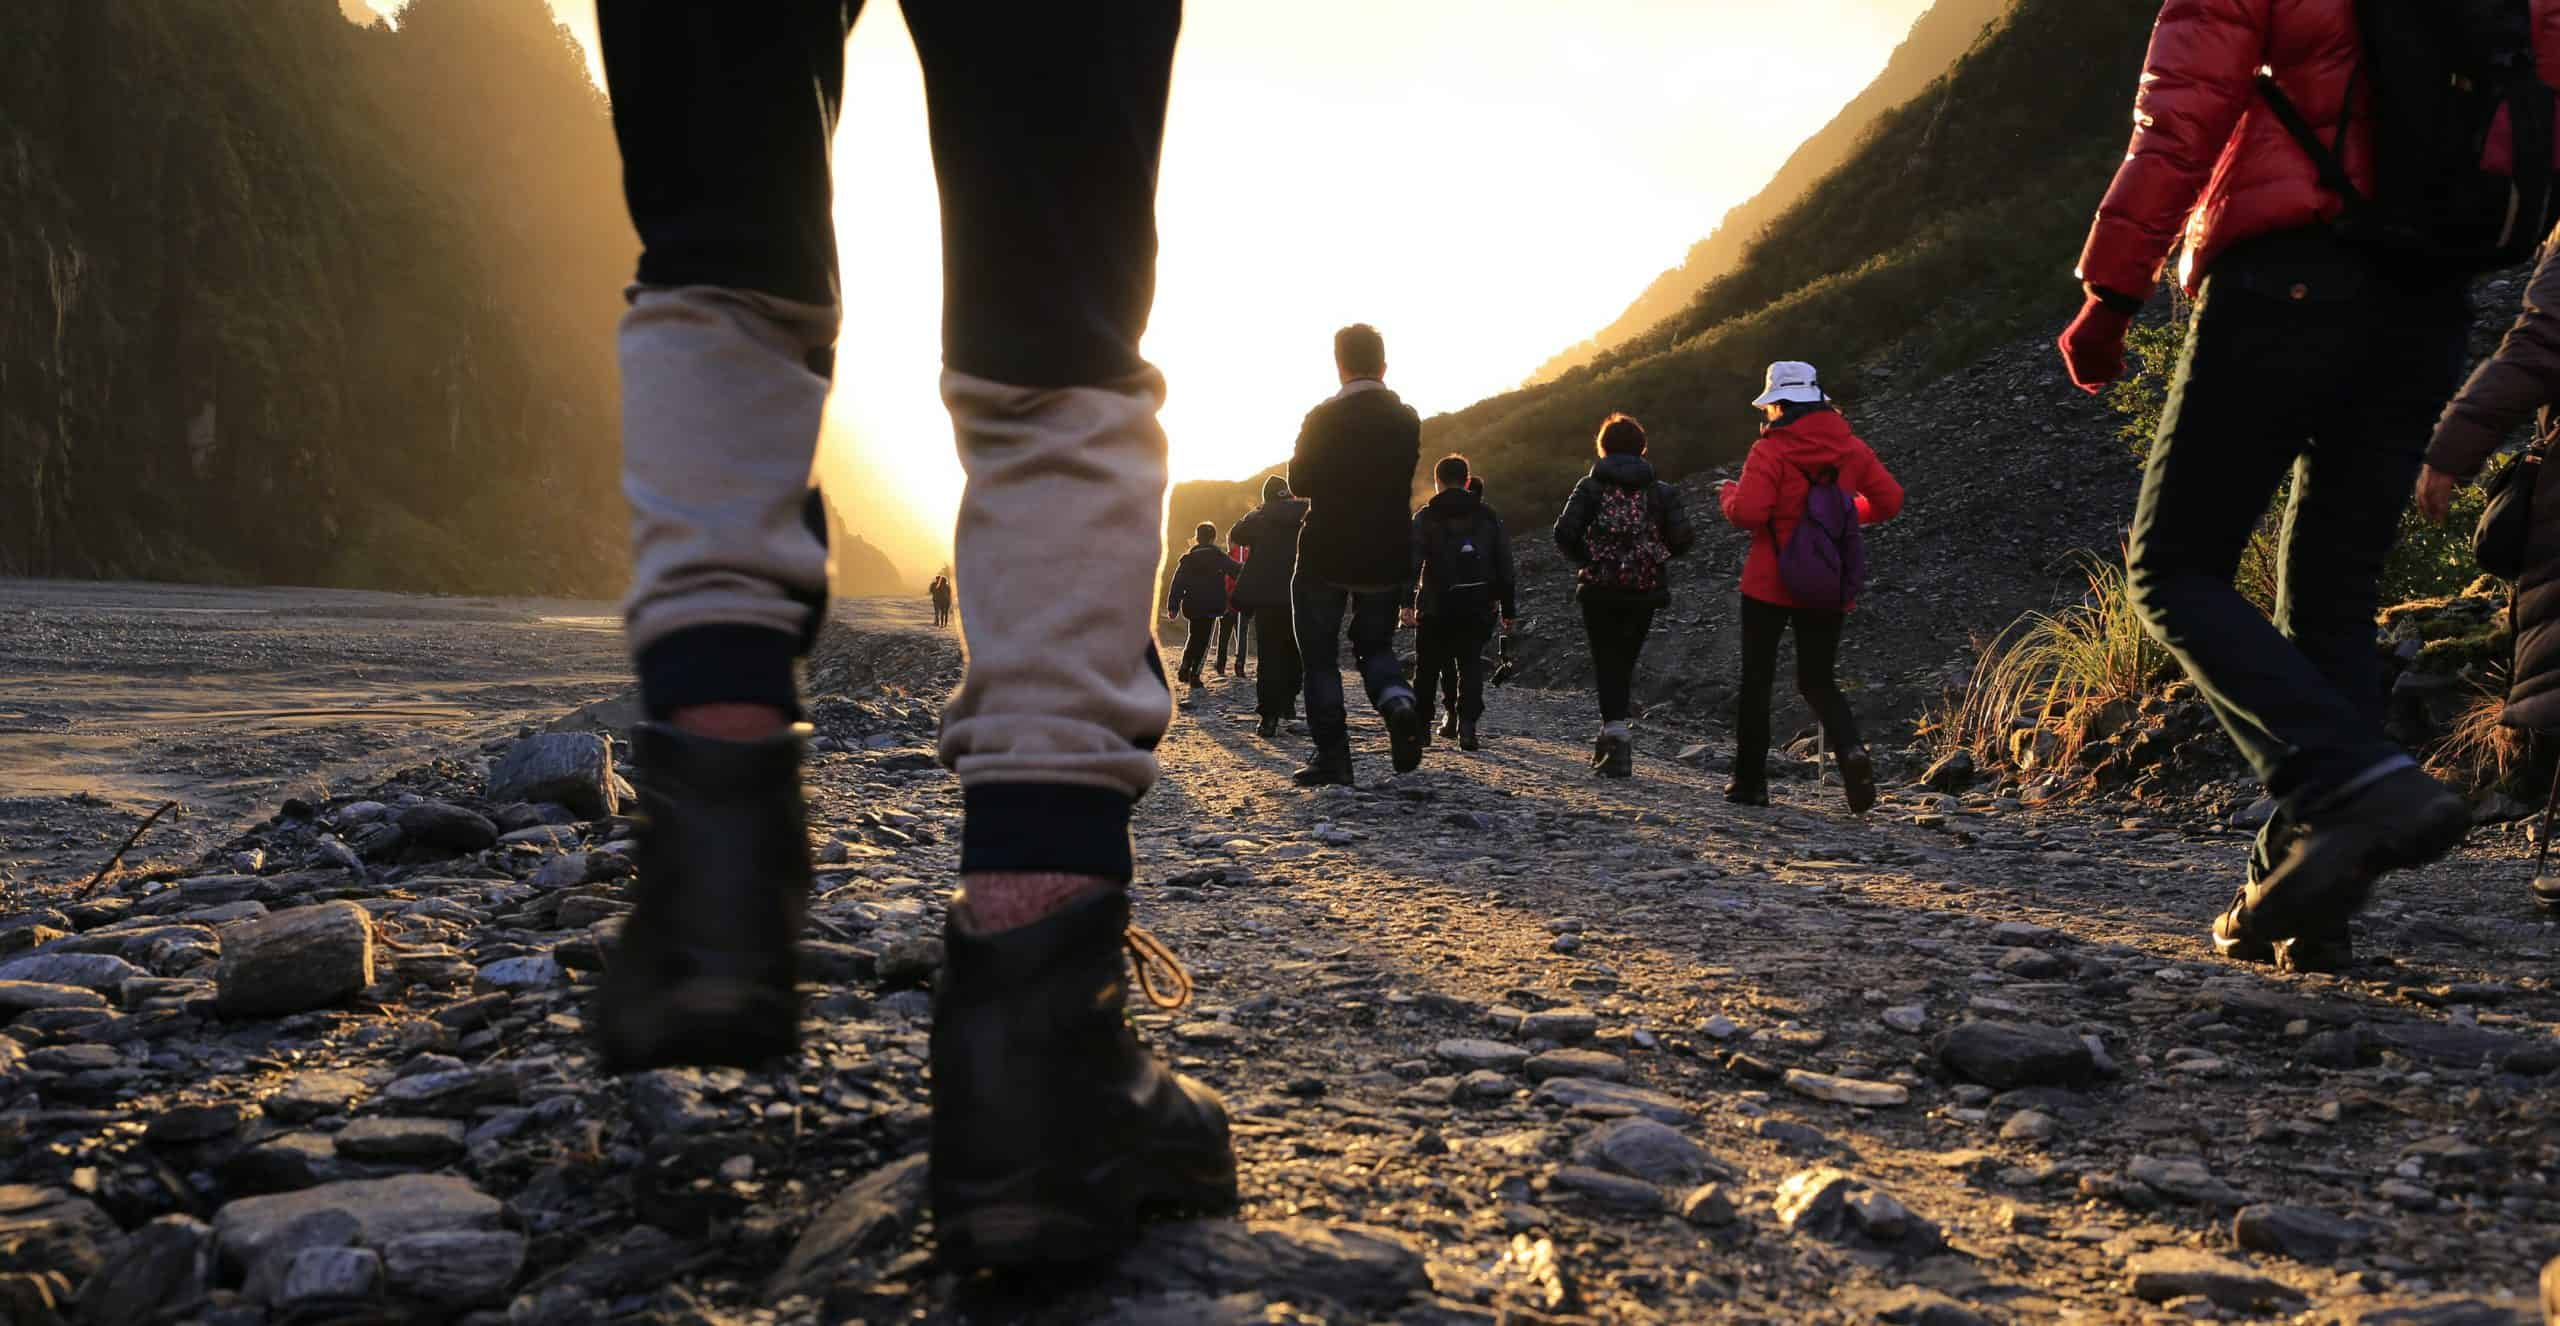 4 propozycje piesze wędrówki po górach